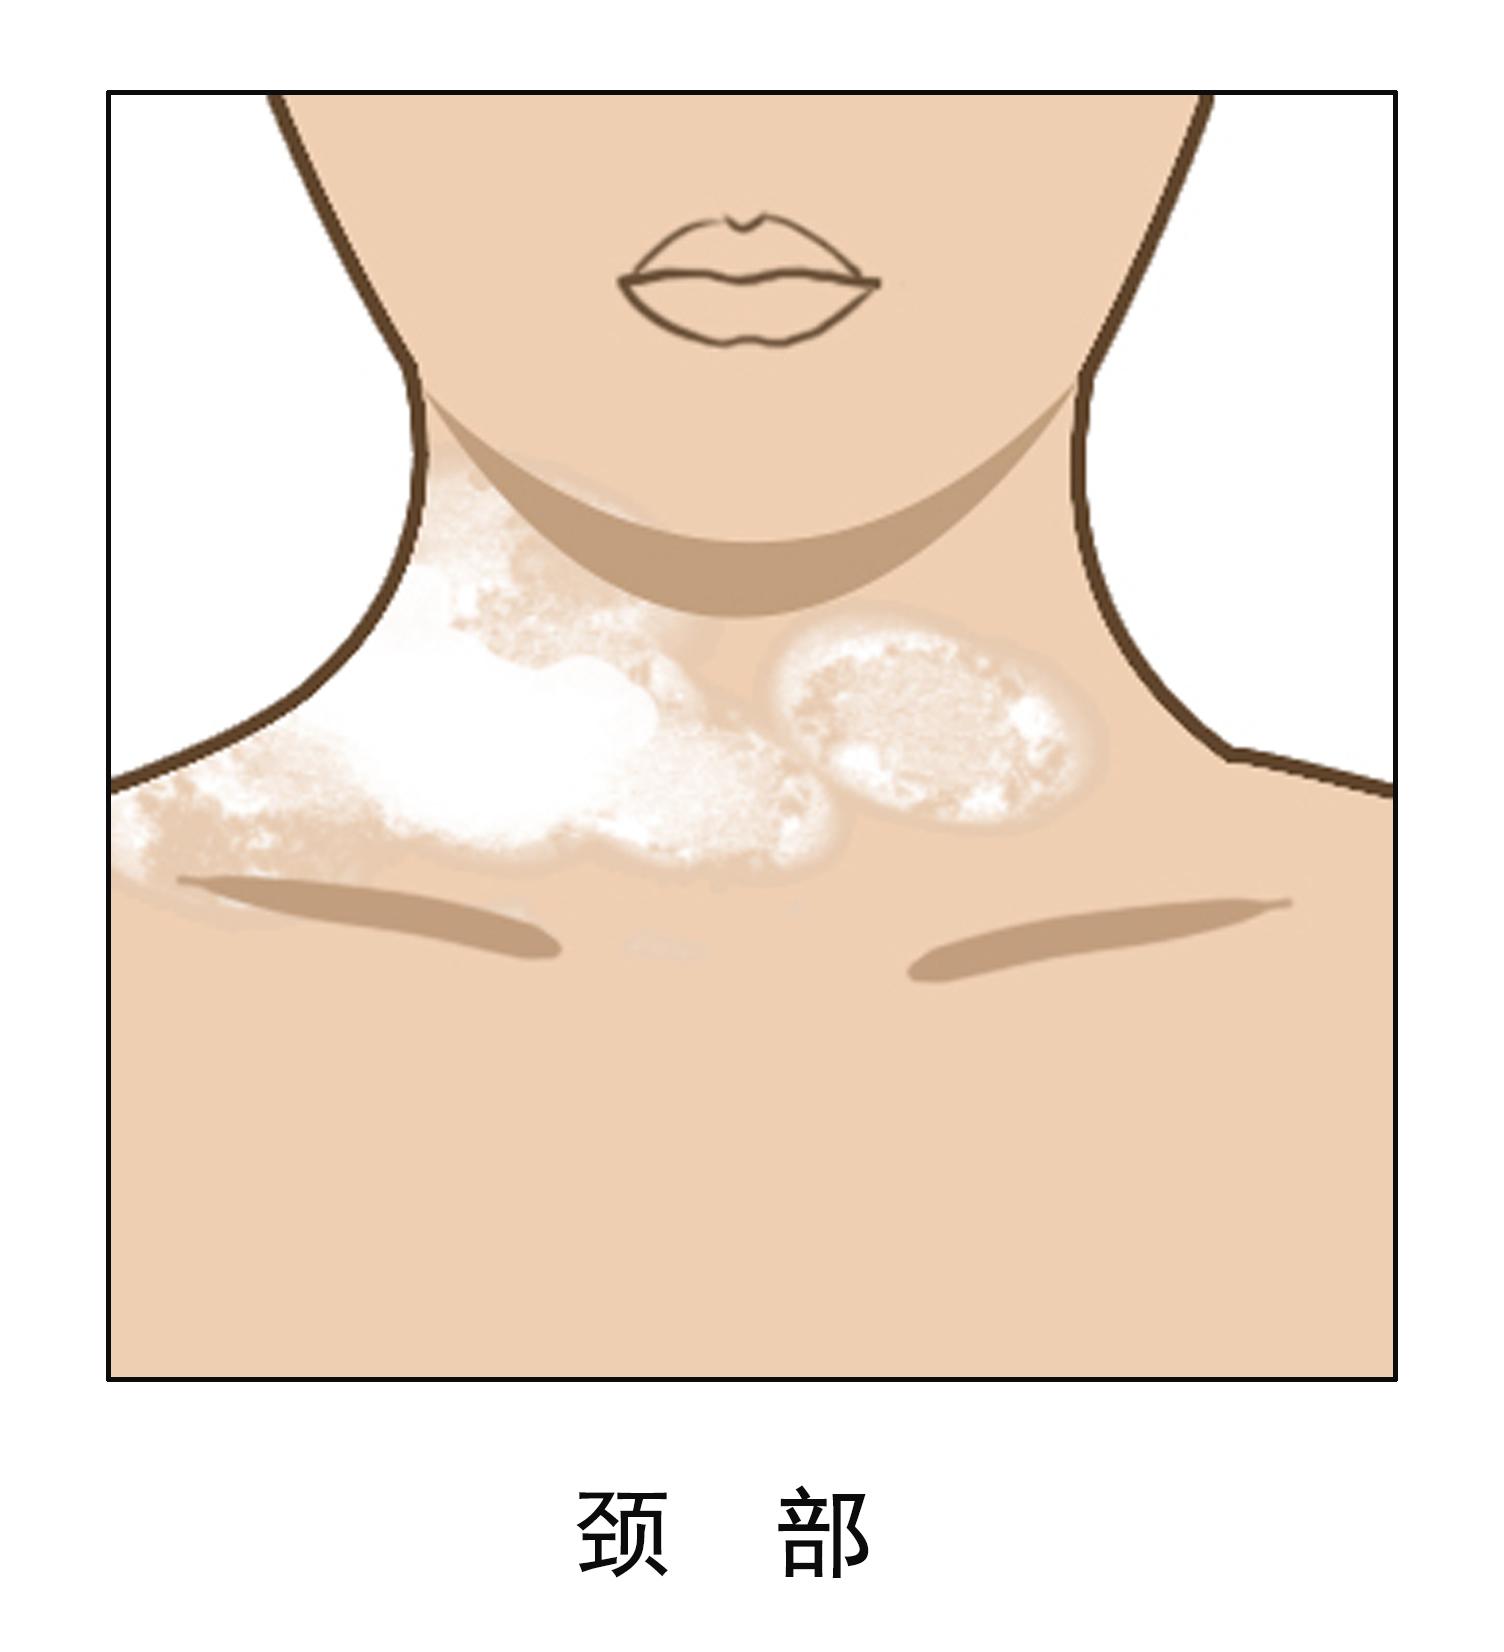 昆明看白斑病专科医院:为什么颈部容易出现白癜风